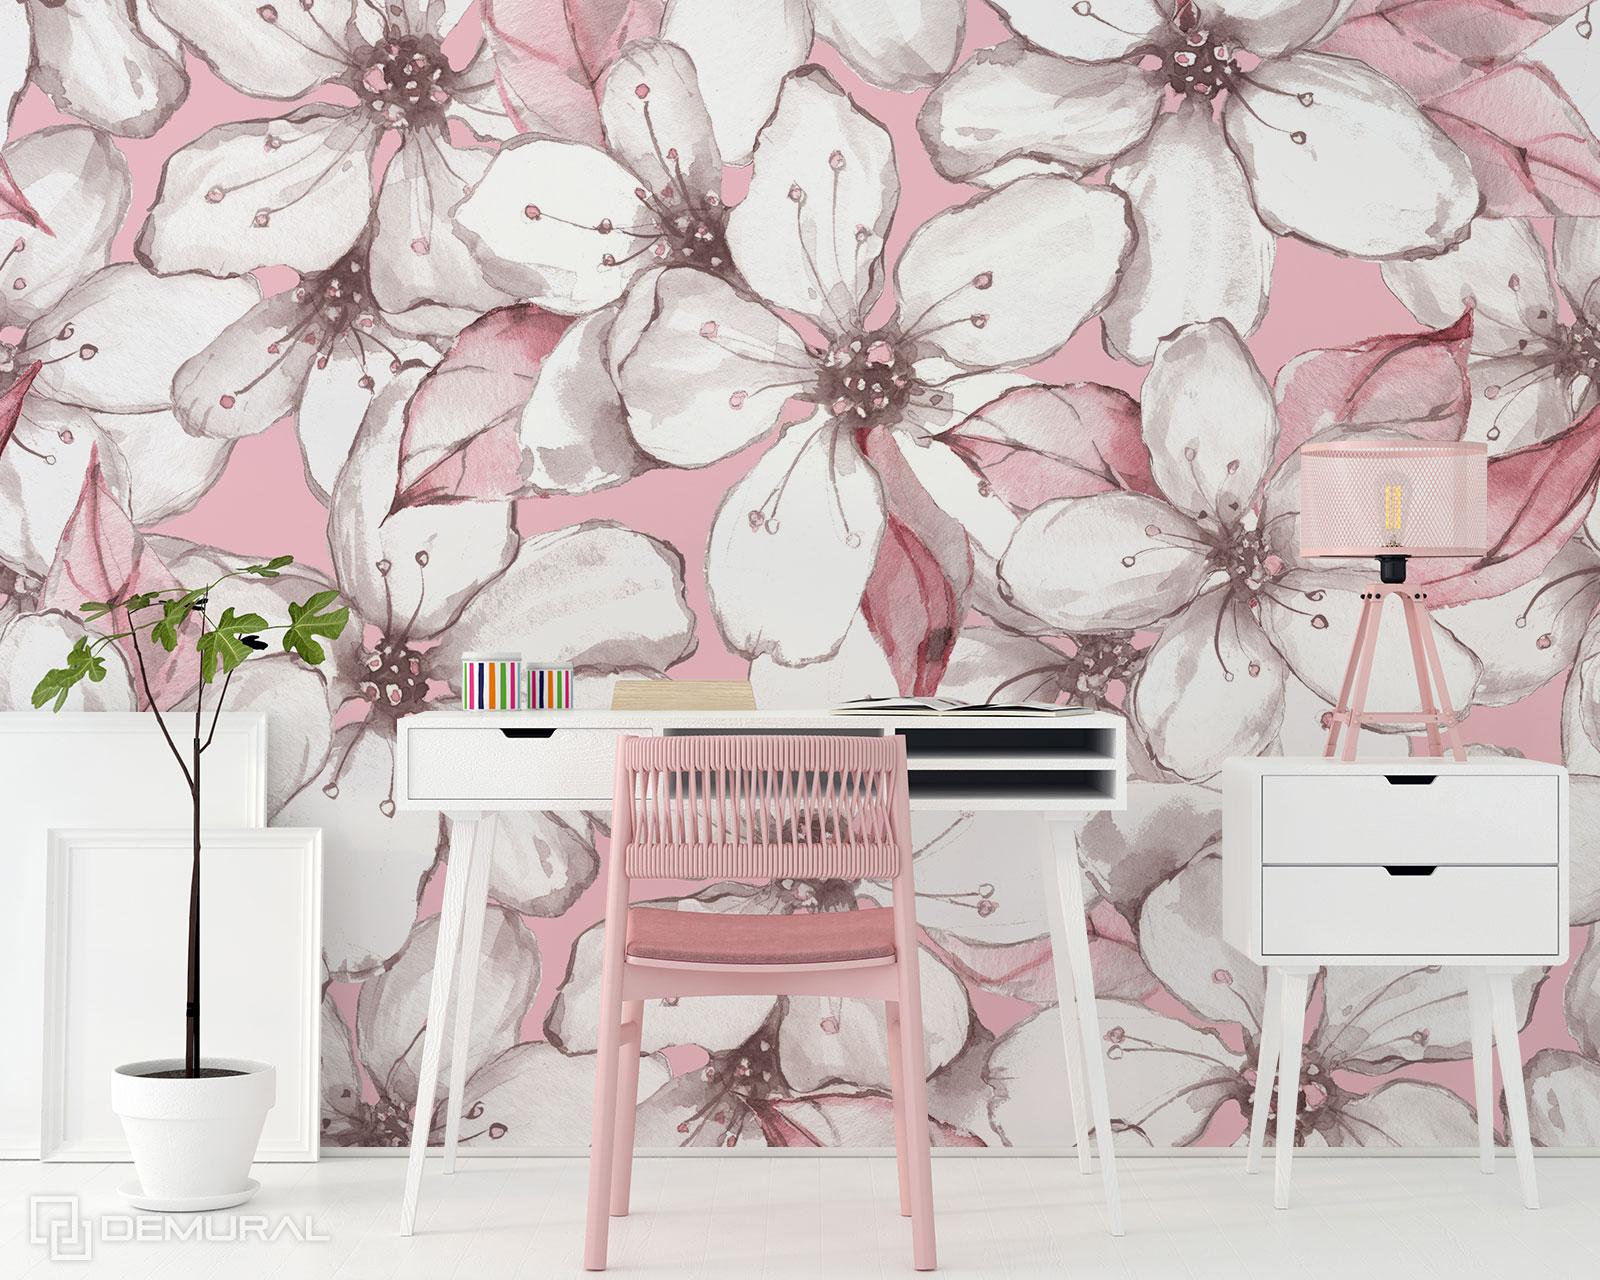 Fototapete Apfelblüten - rosa Fototapete - Demural